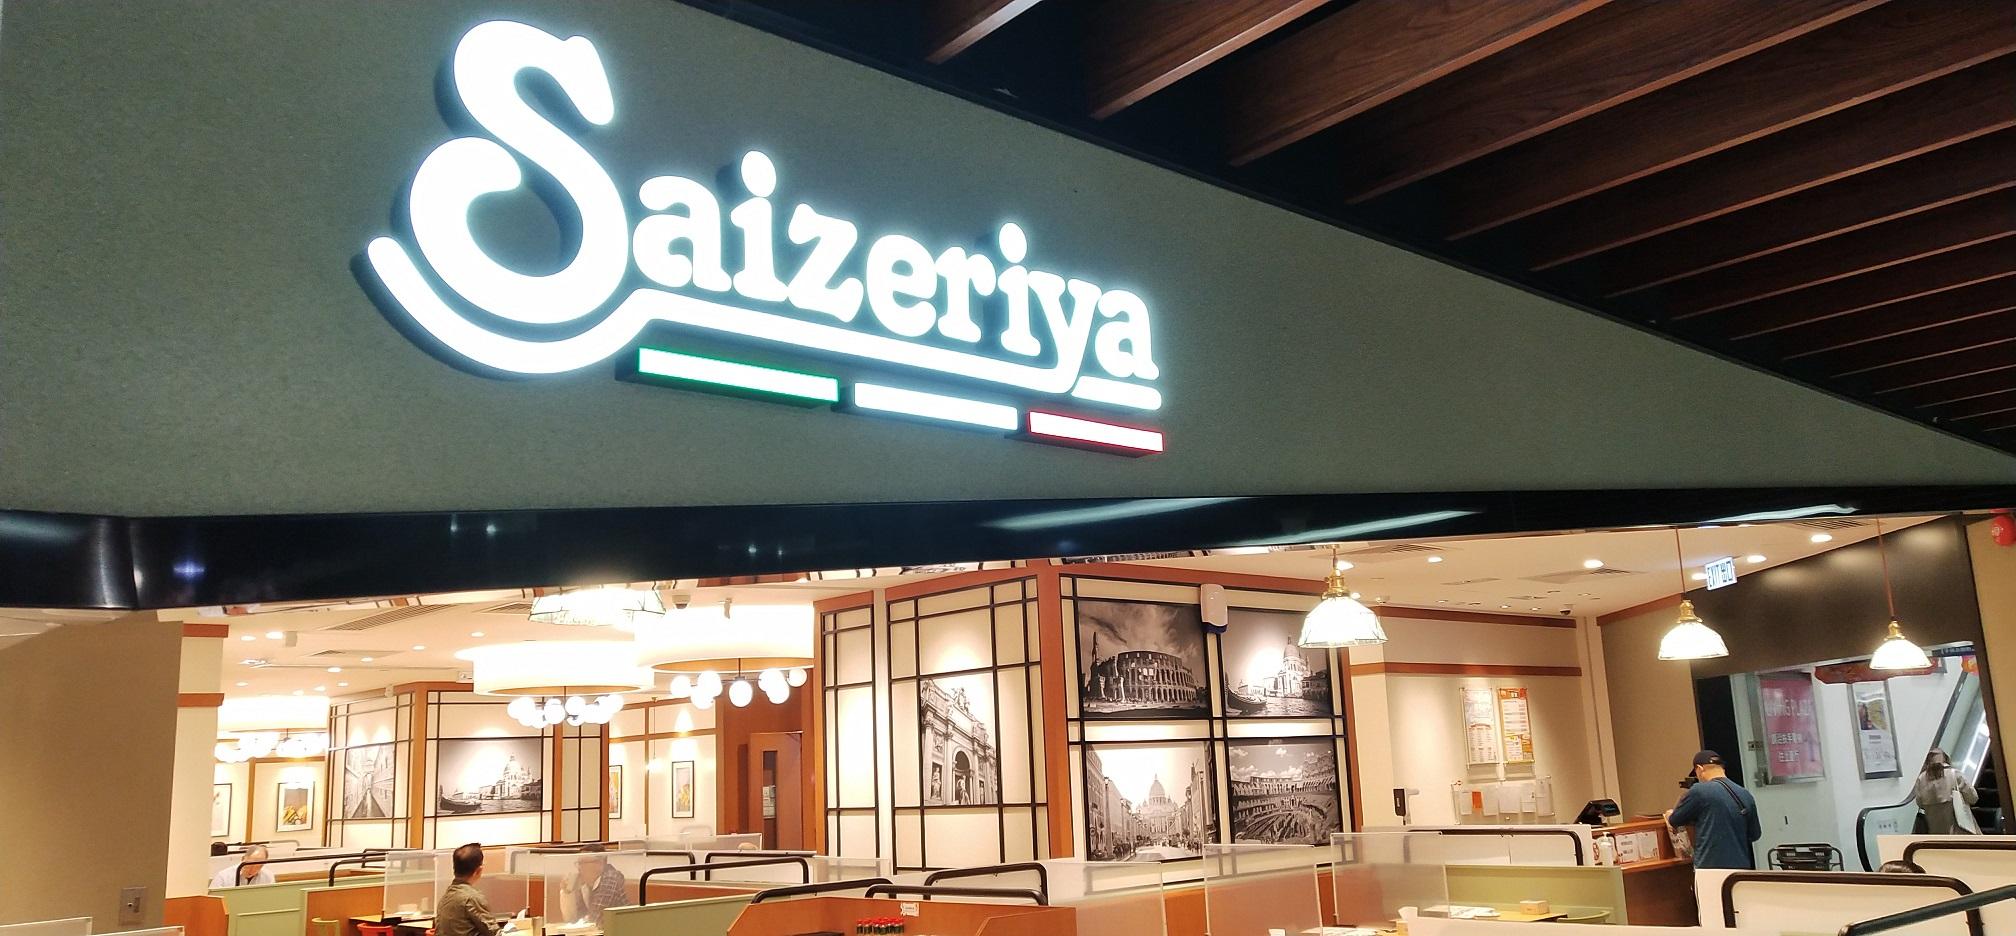 Local Italian Restaurant